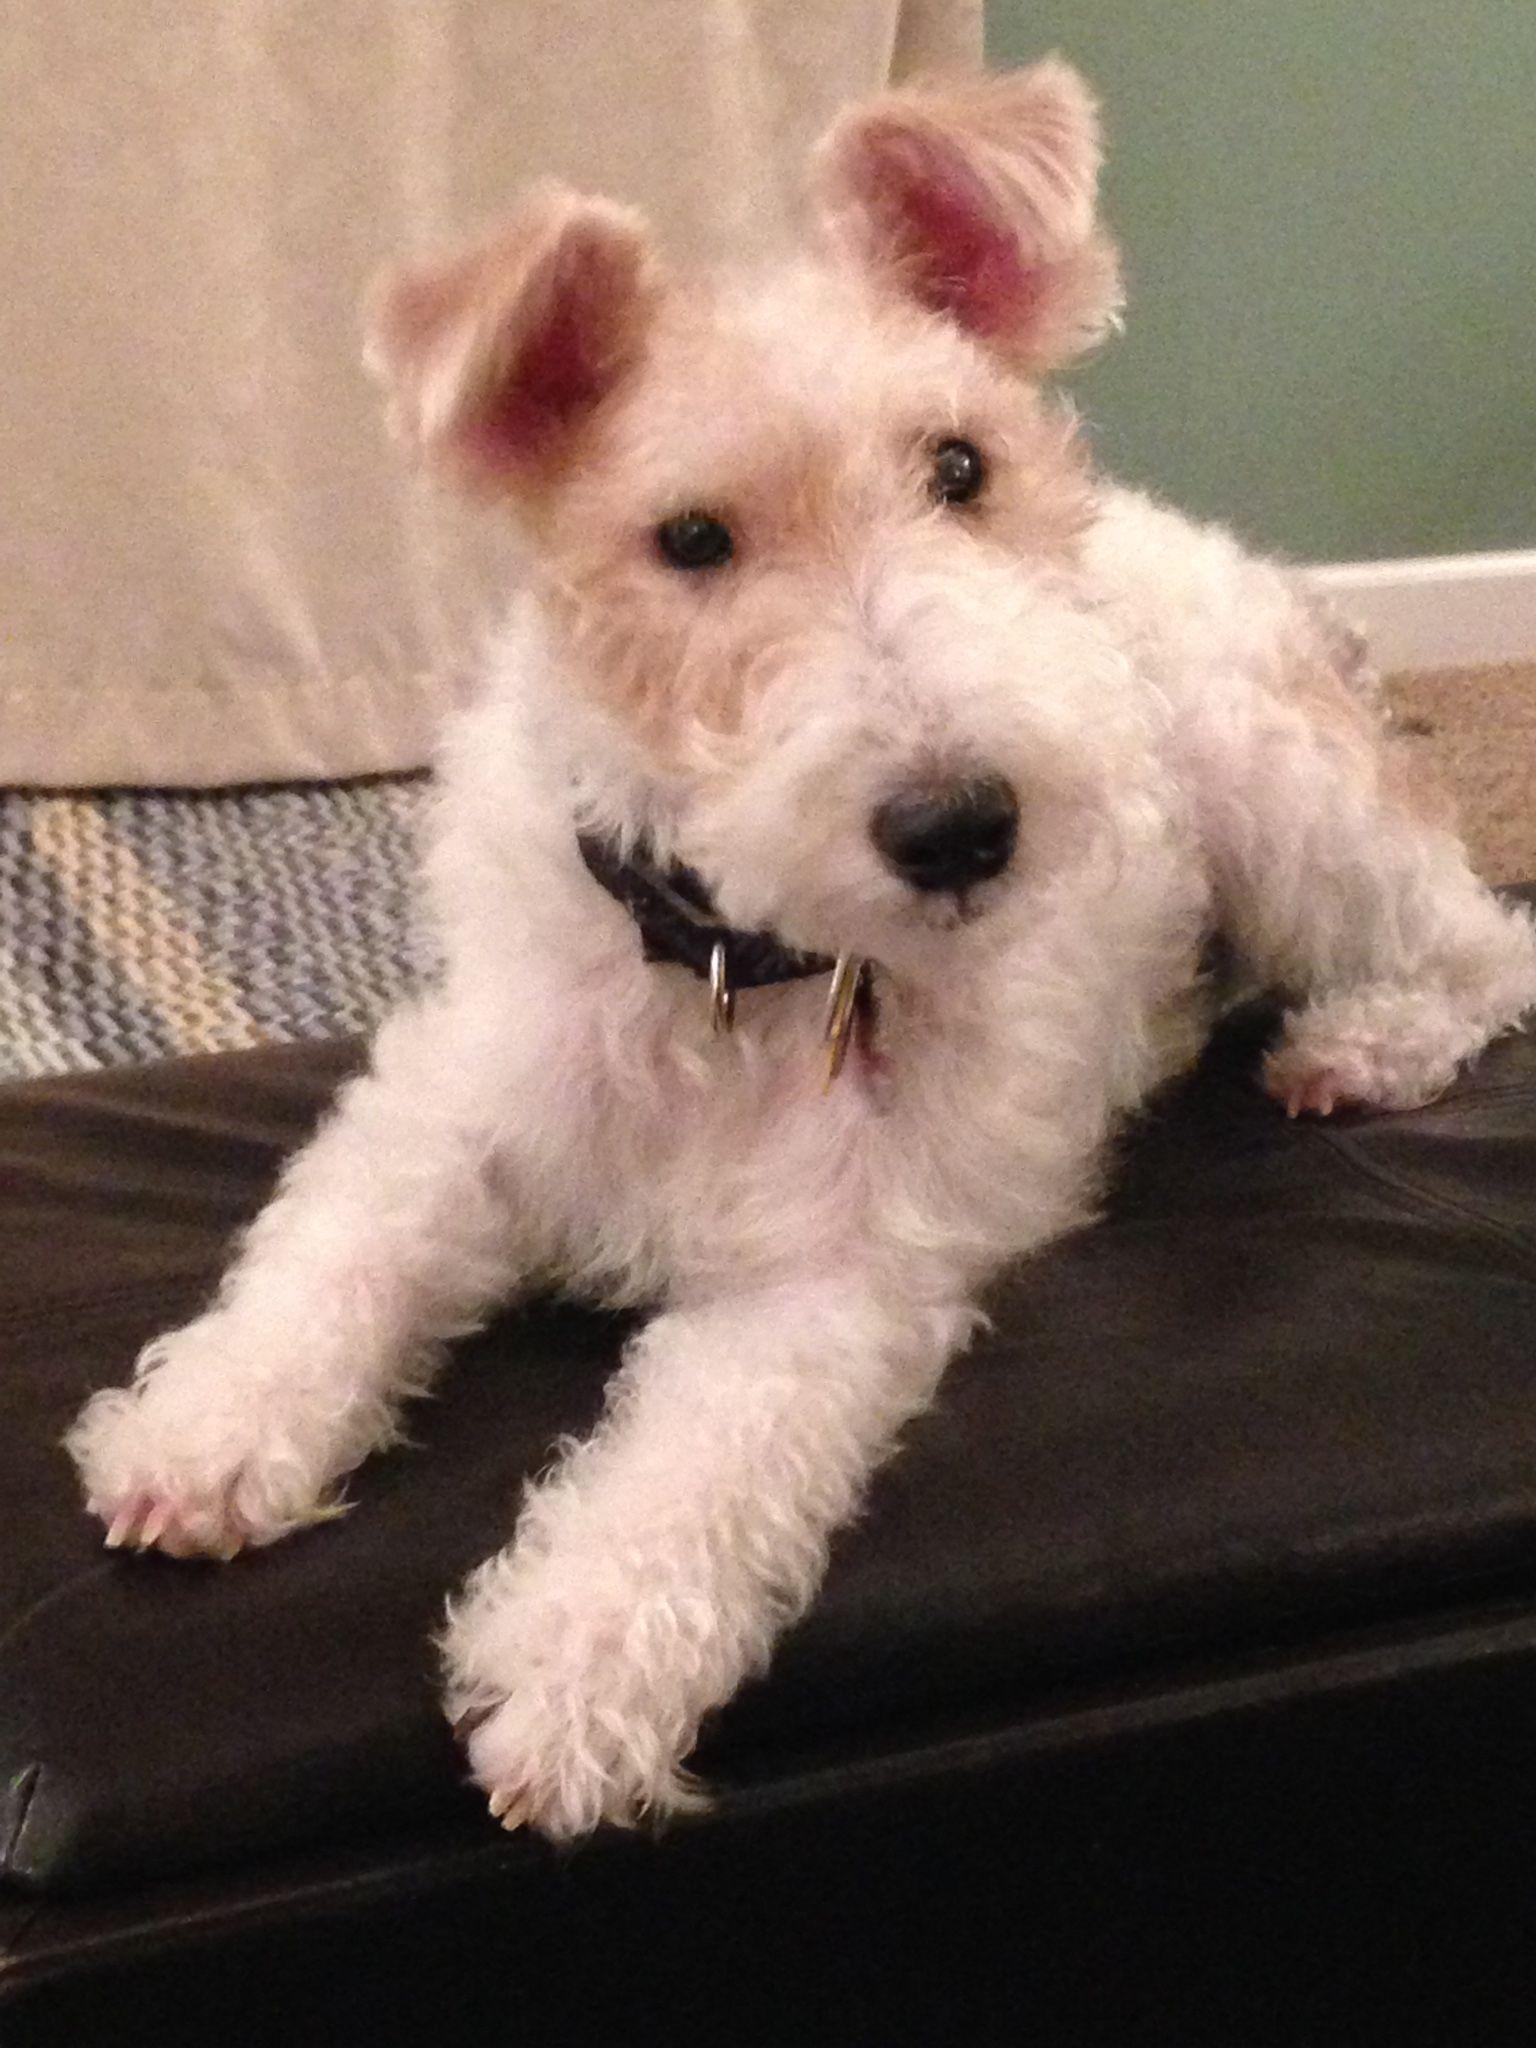 Pin von Linda Slaughter auf Puppy love! | Pinterest